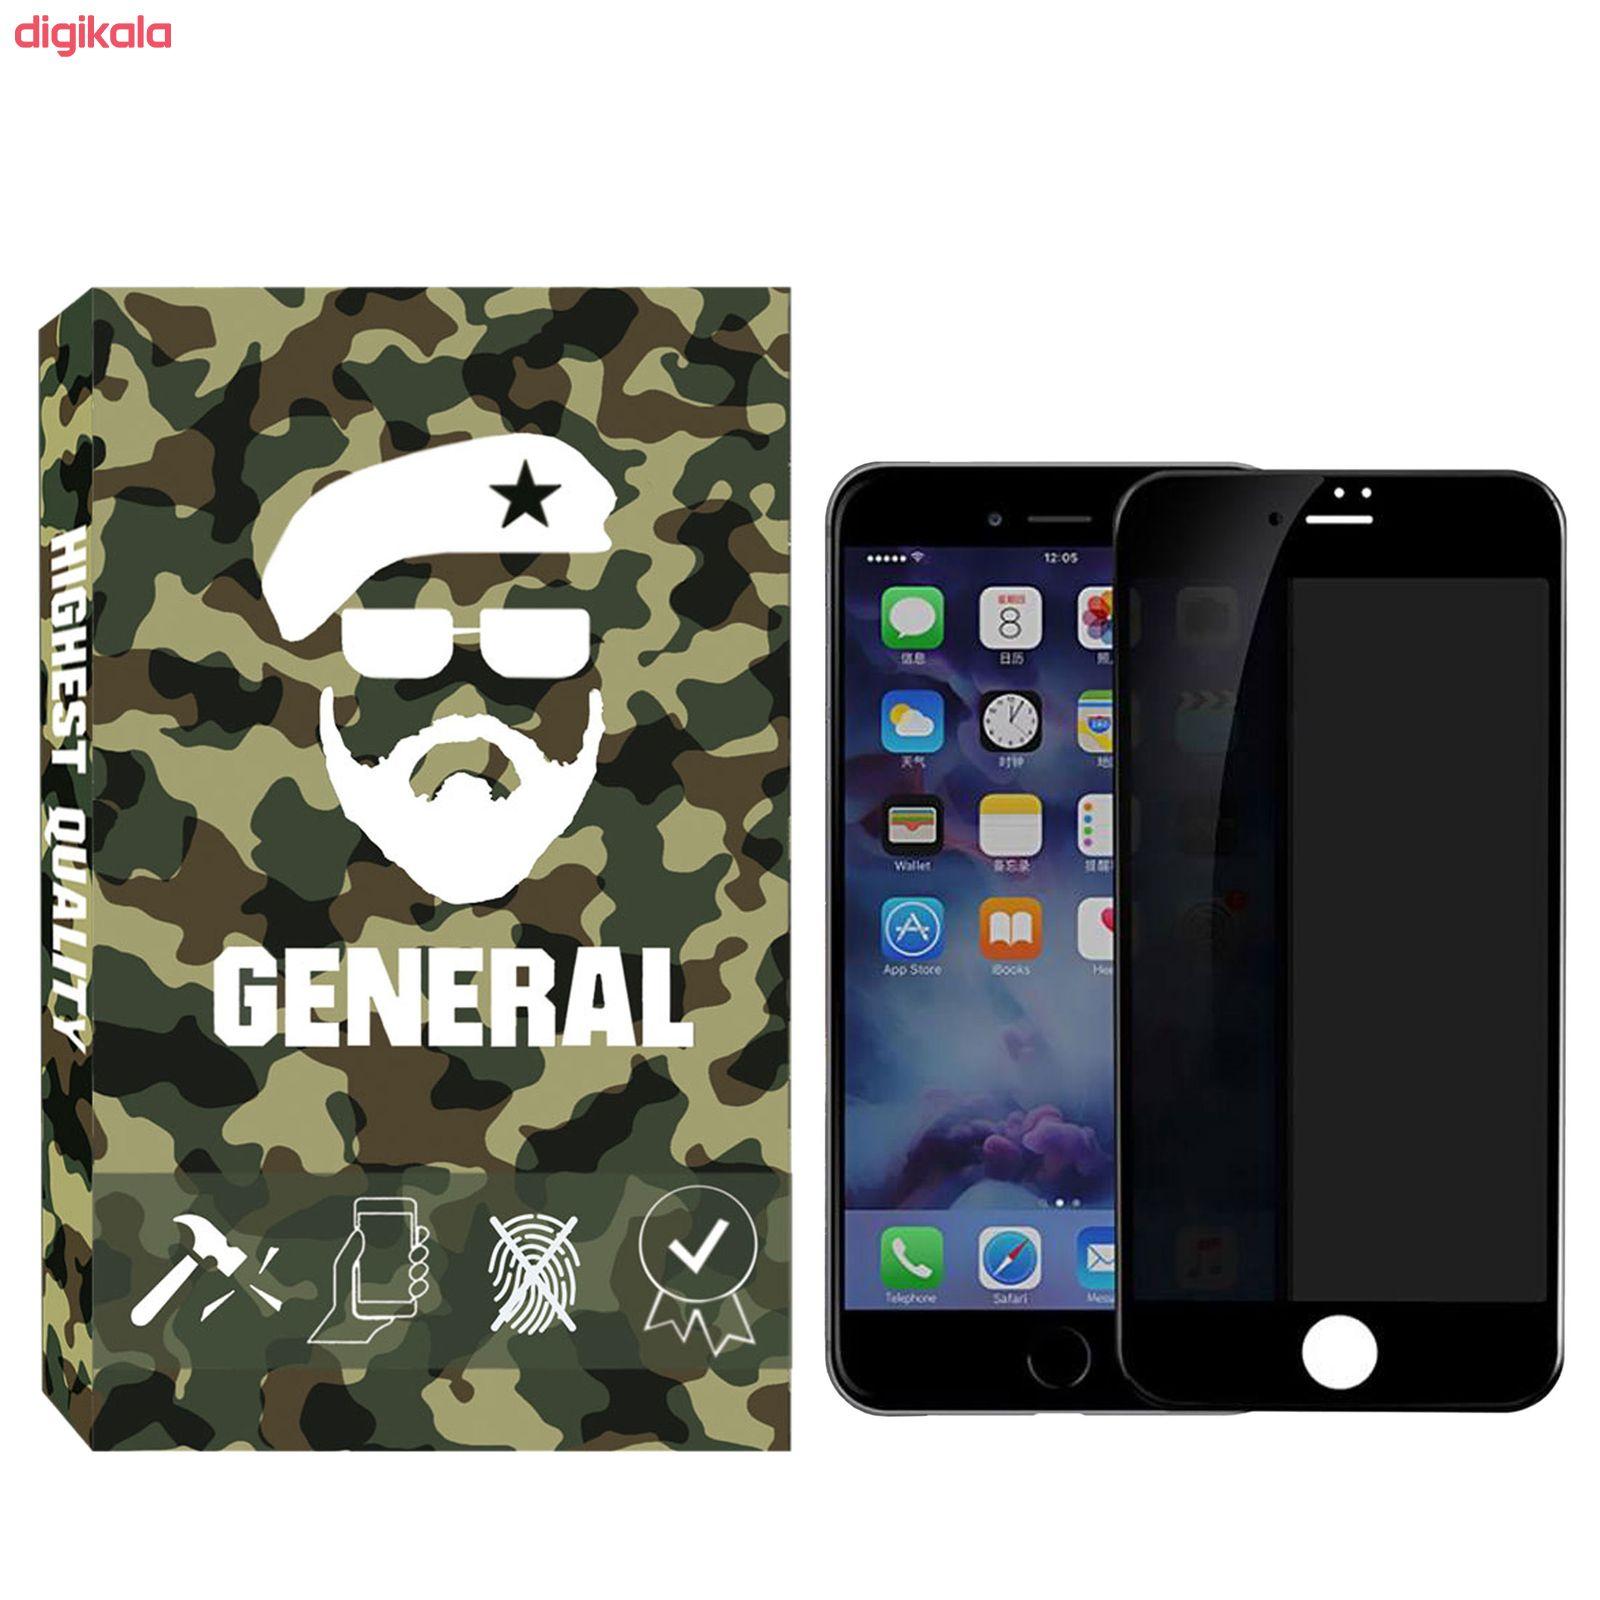 محافظ صفحه نمایش حریم شخصی ژنرال مدل GNprv-01 مناسب برای گوشی موبایل اپل IPhone 6 / 6s main 1 1